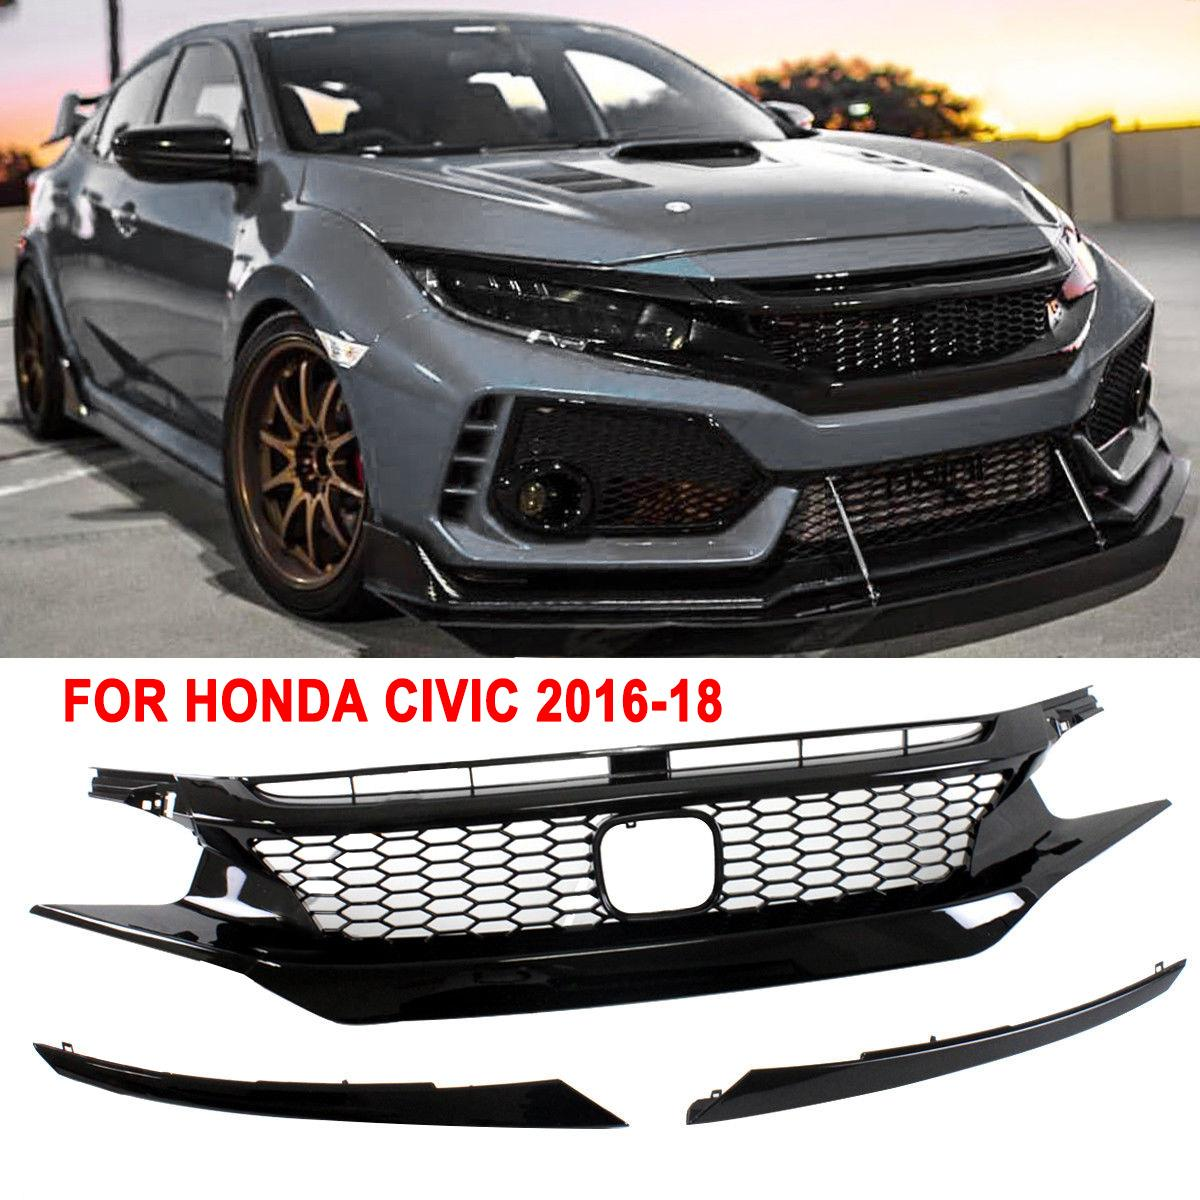 Nova peça de reposição para honda civic 2016 2017 2018 2019 10th gen JDM-CTR estilo preto brilhante malha frente capa grille